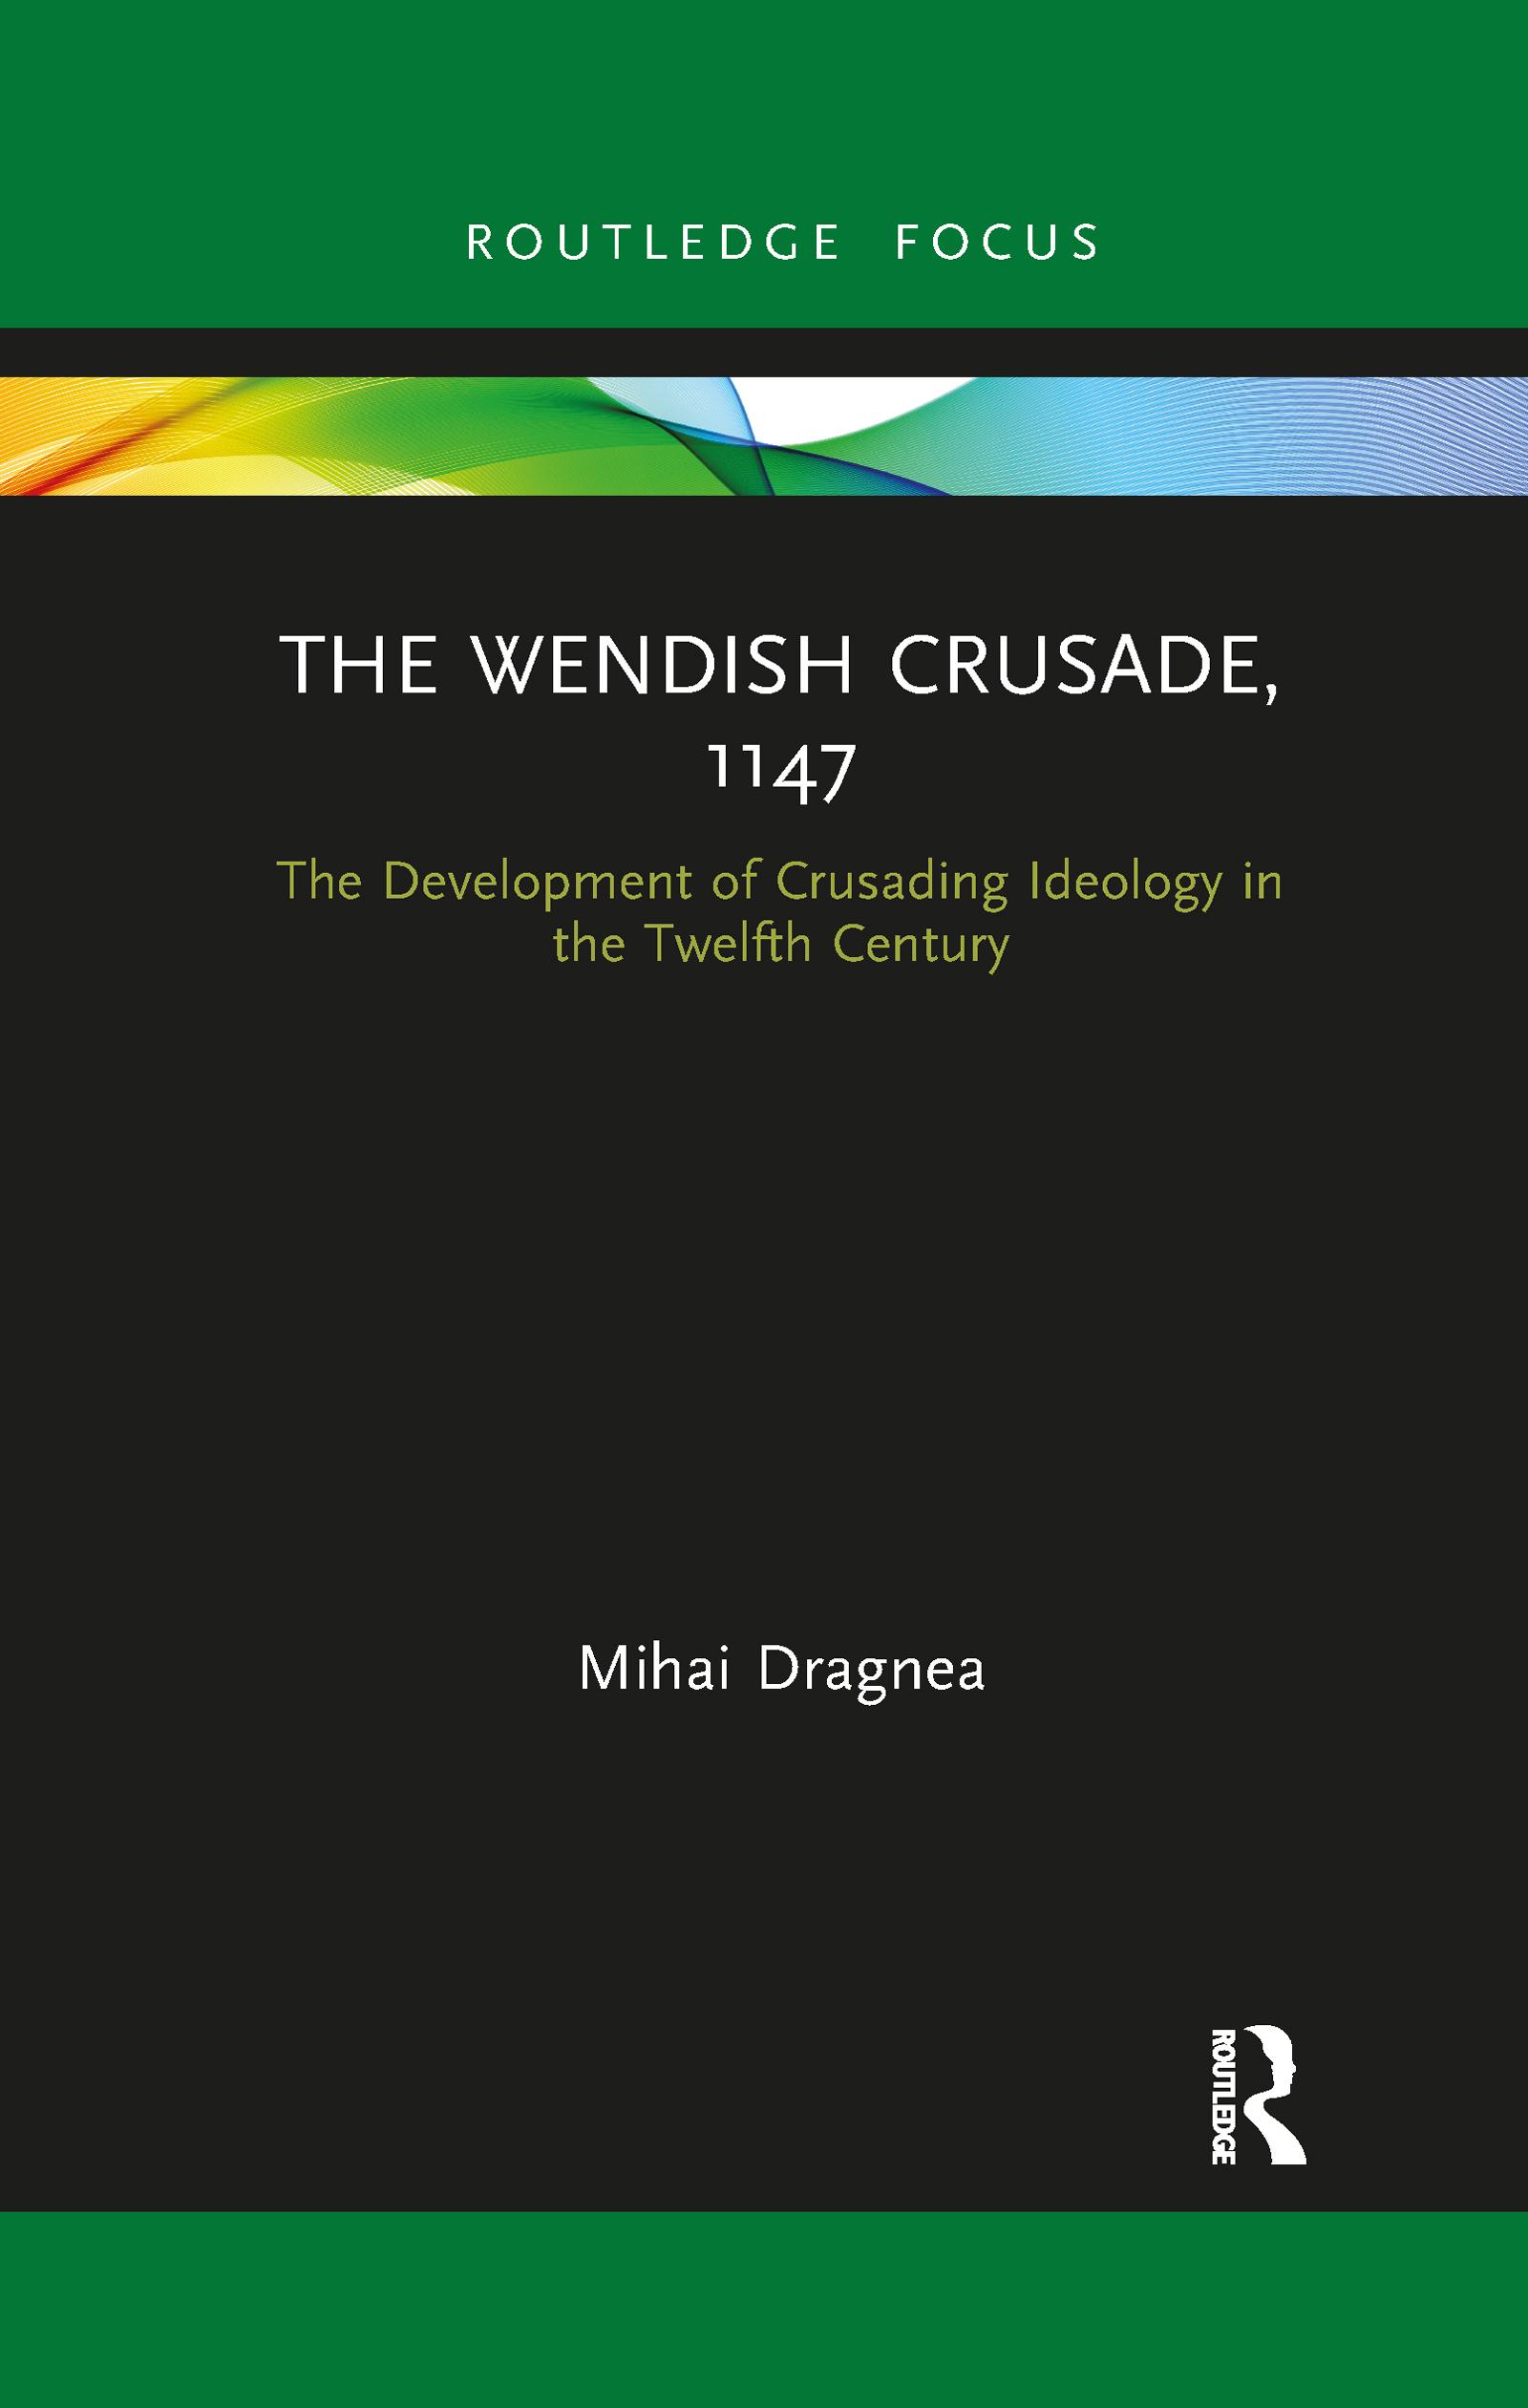 The Wendish Crusade, 1147